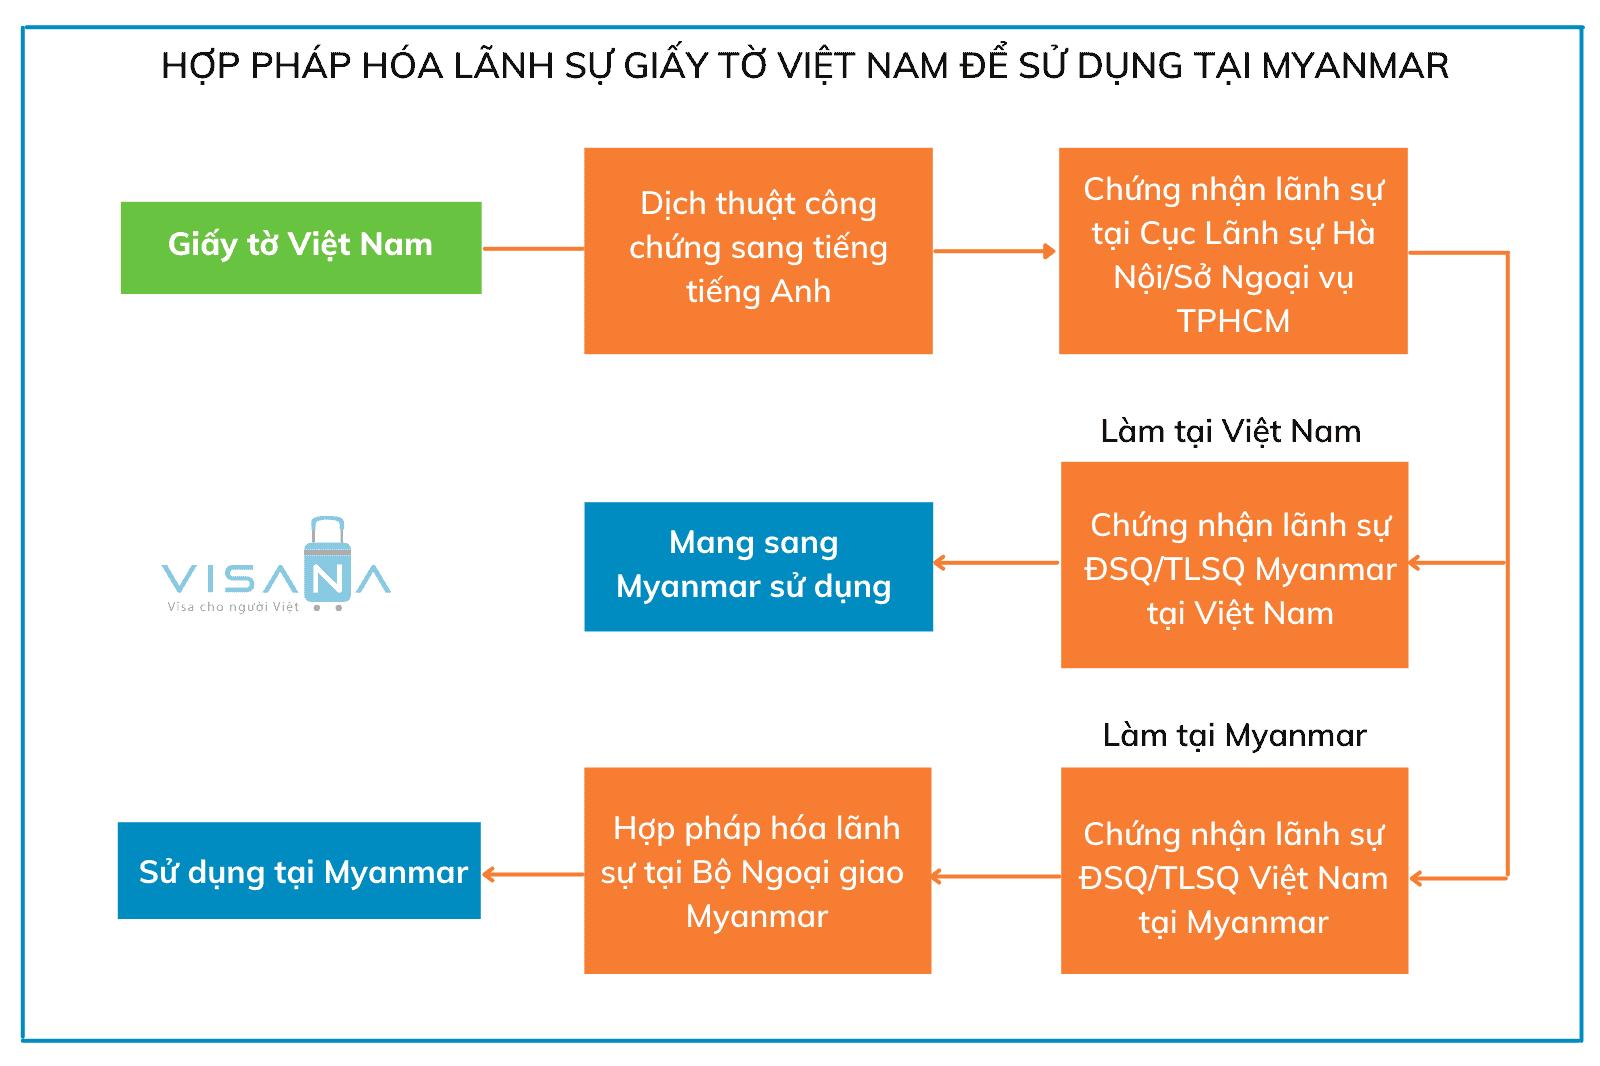 Thủ tục hợp pháp hóa lãnh sự giấy tờ Việt Nam để sử dụng tại Myanmar